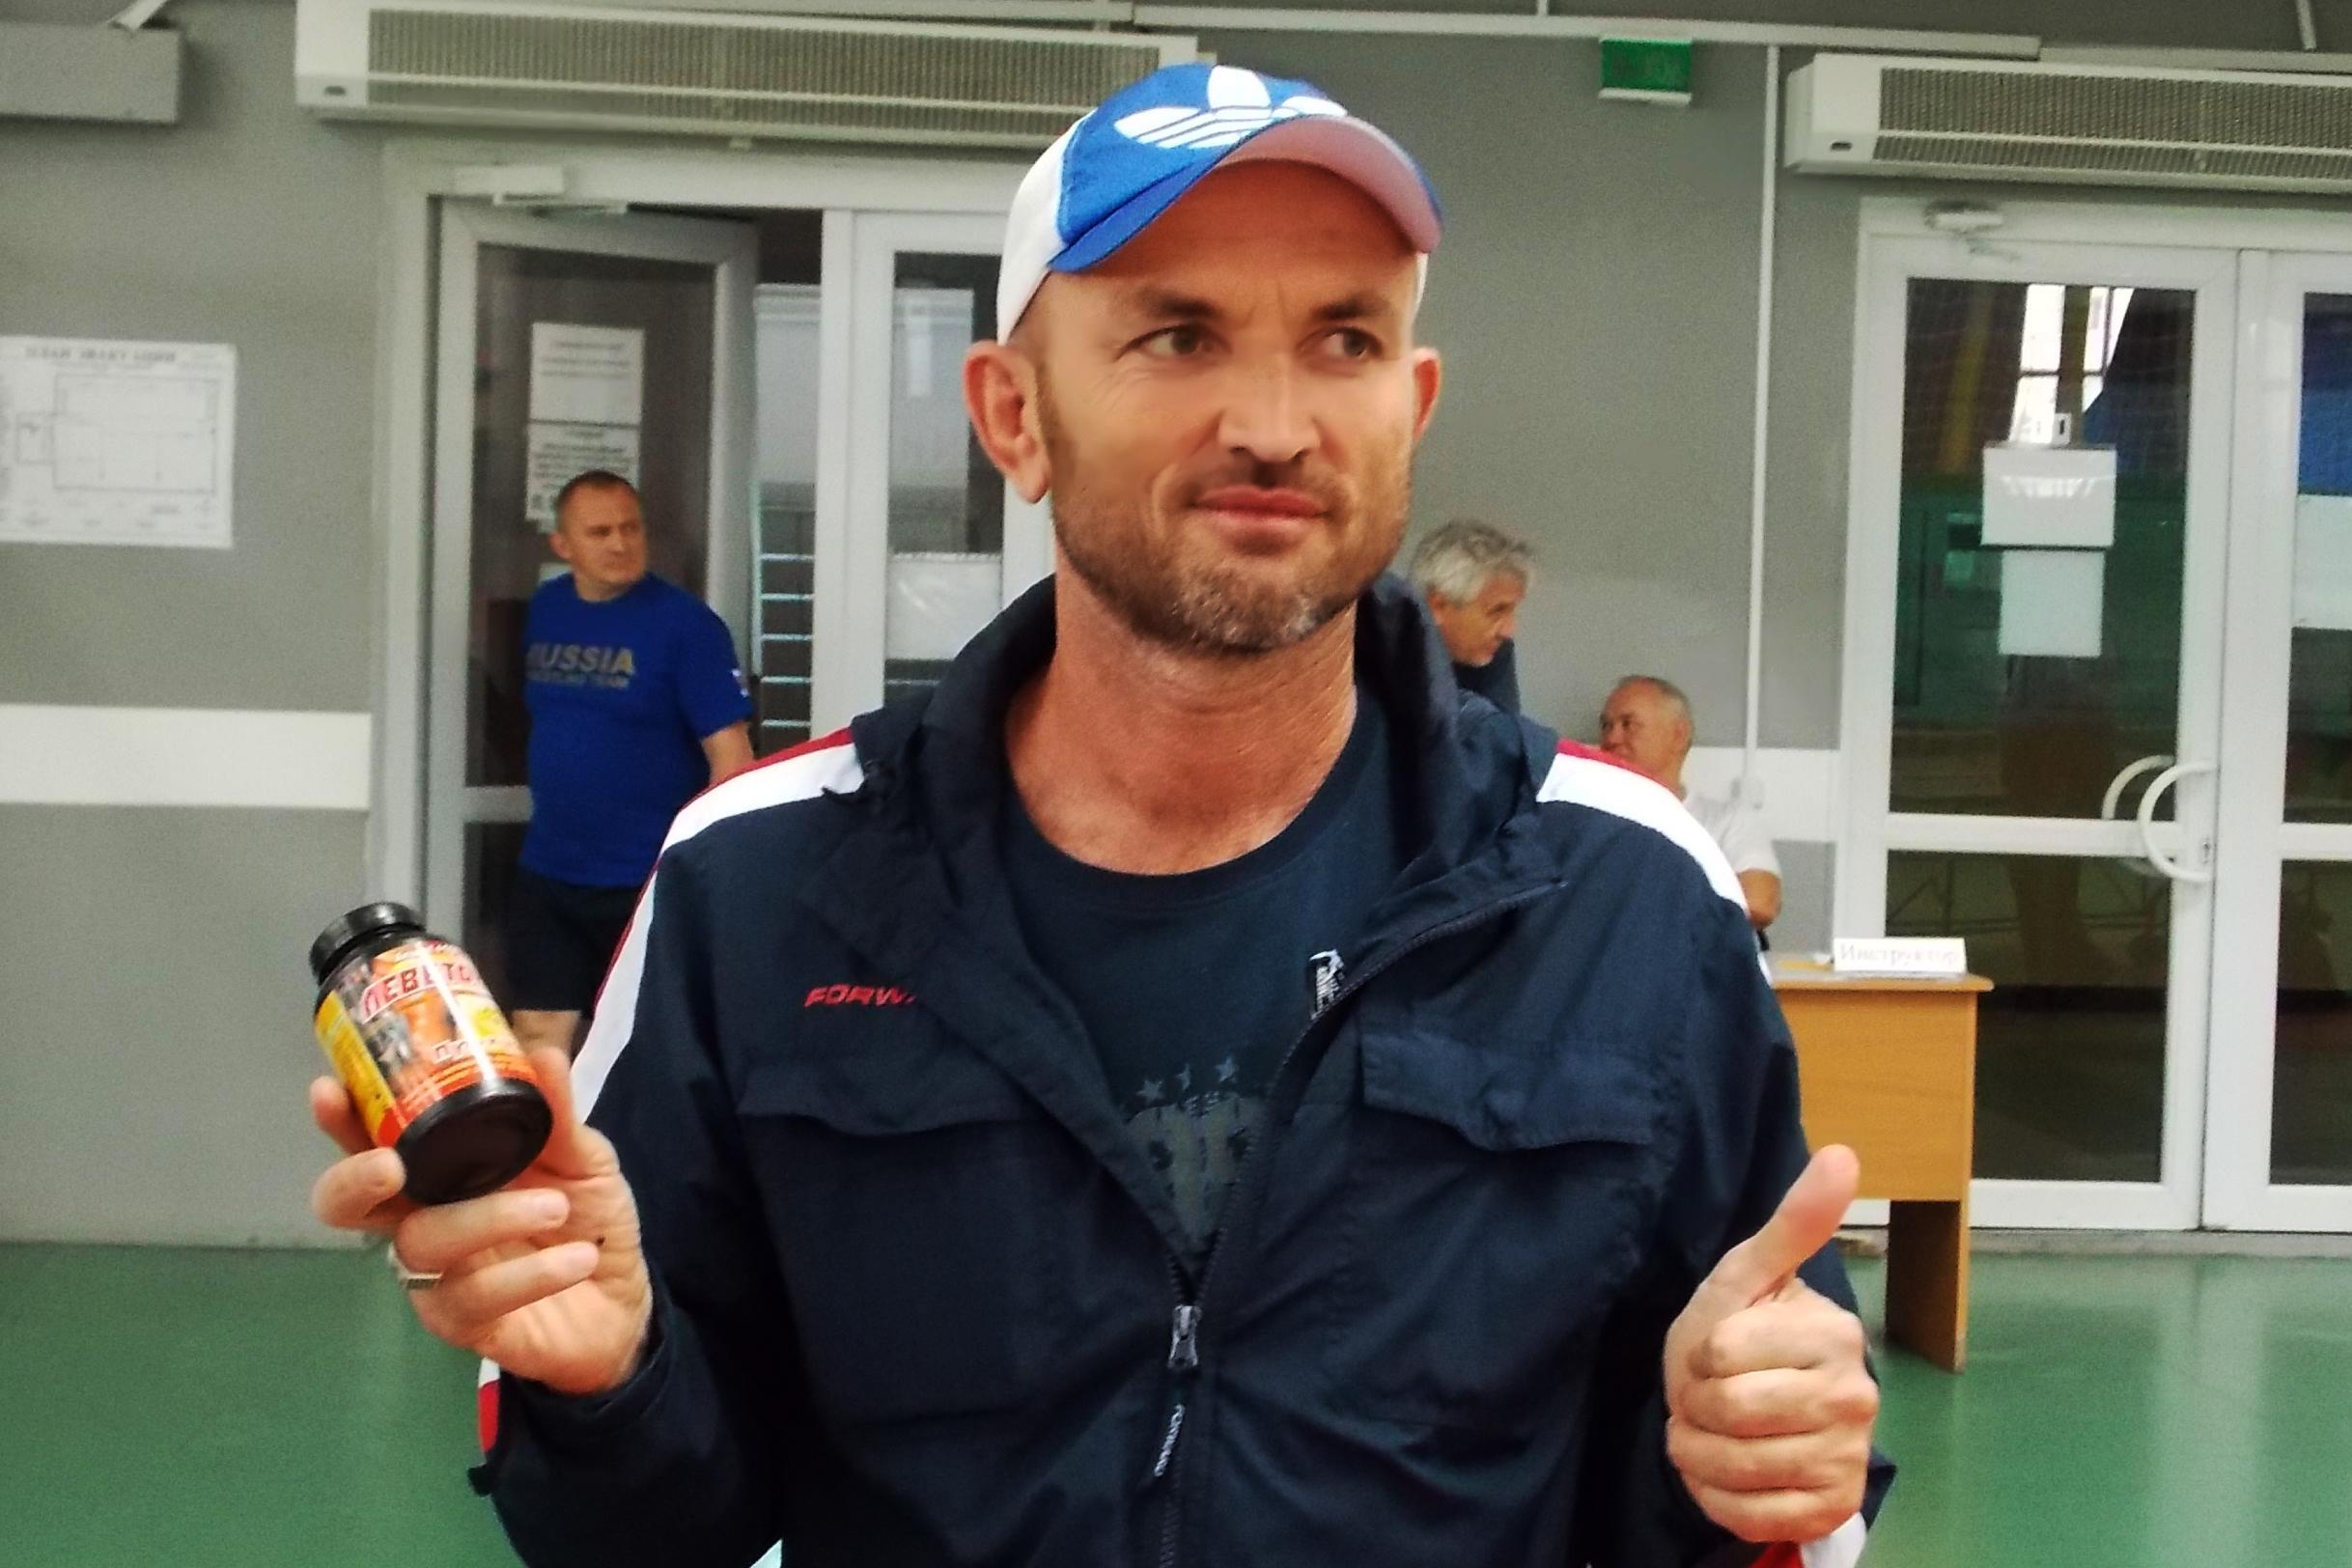 Эскирханов Абубакар заслуженный тренер россии греко-римская борьба Грозный